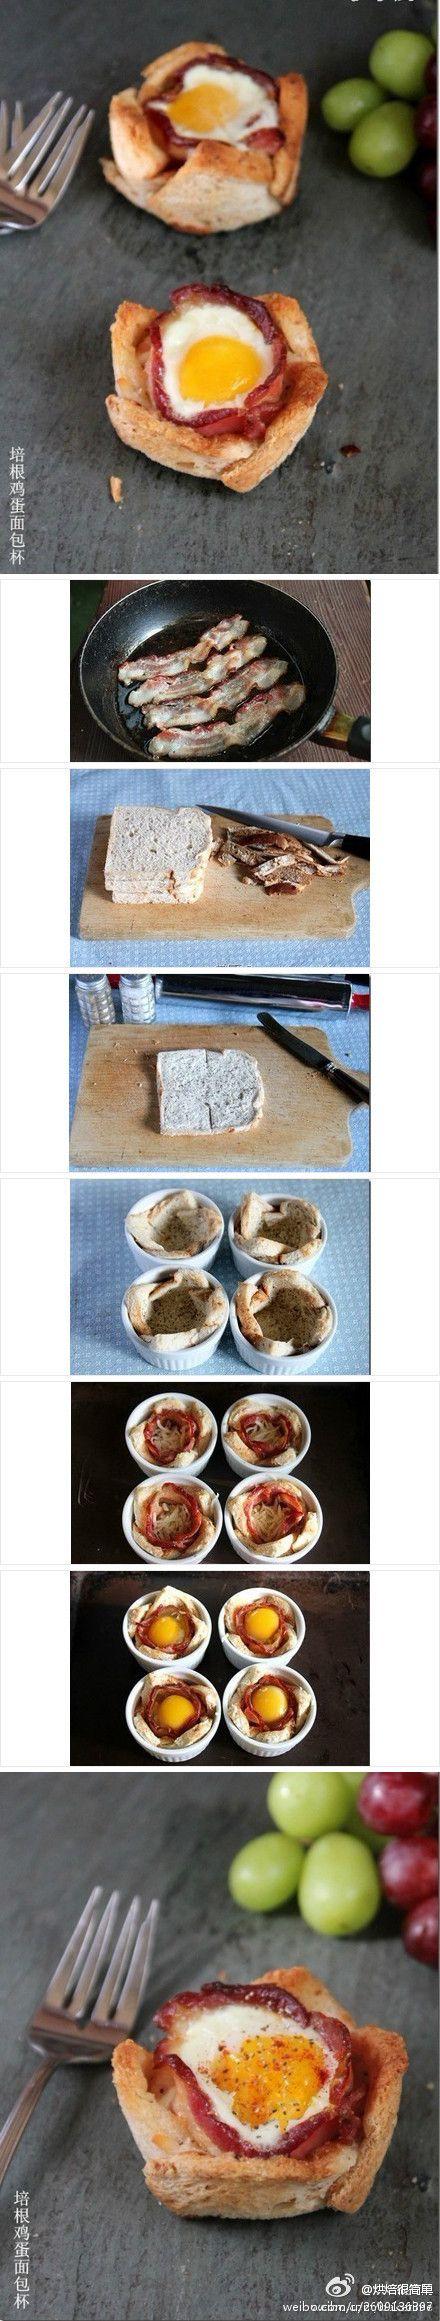 [Tocino, huevos, pan] ①Cocinar el tocino. ② Poner el pan en rodajas dentro del recipiente y aplanar. ③ Poner el tocino en lonjas, también se puede poner un poco de queso y algunas verduras. ④ Finalmente, poner un huevo, espolvorear con un poco de sal y pimienta negra. ⑤ Precaliente el horno a 190 grados y hornee 20-25 minutos.